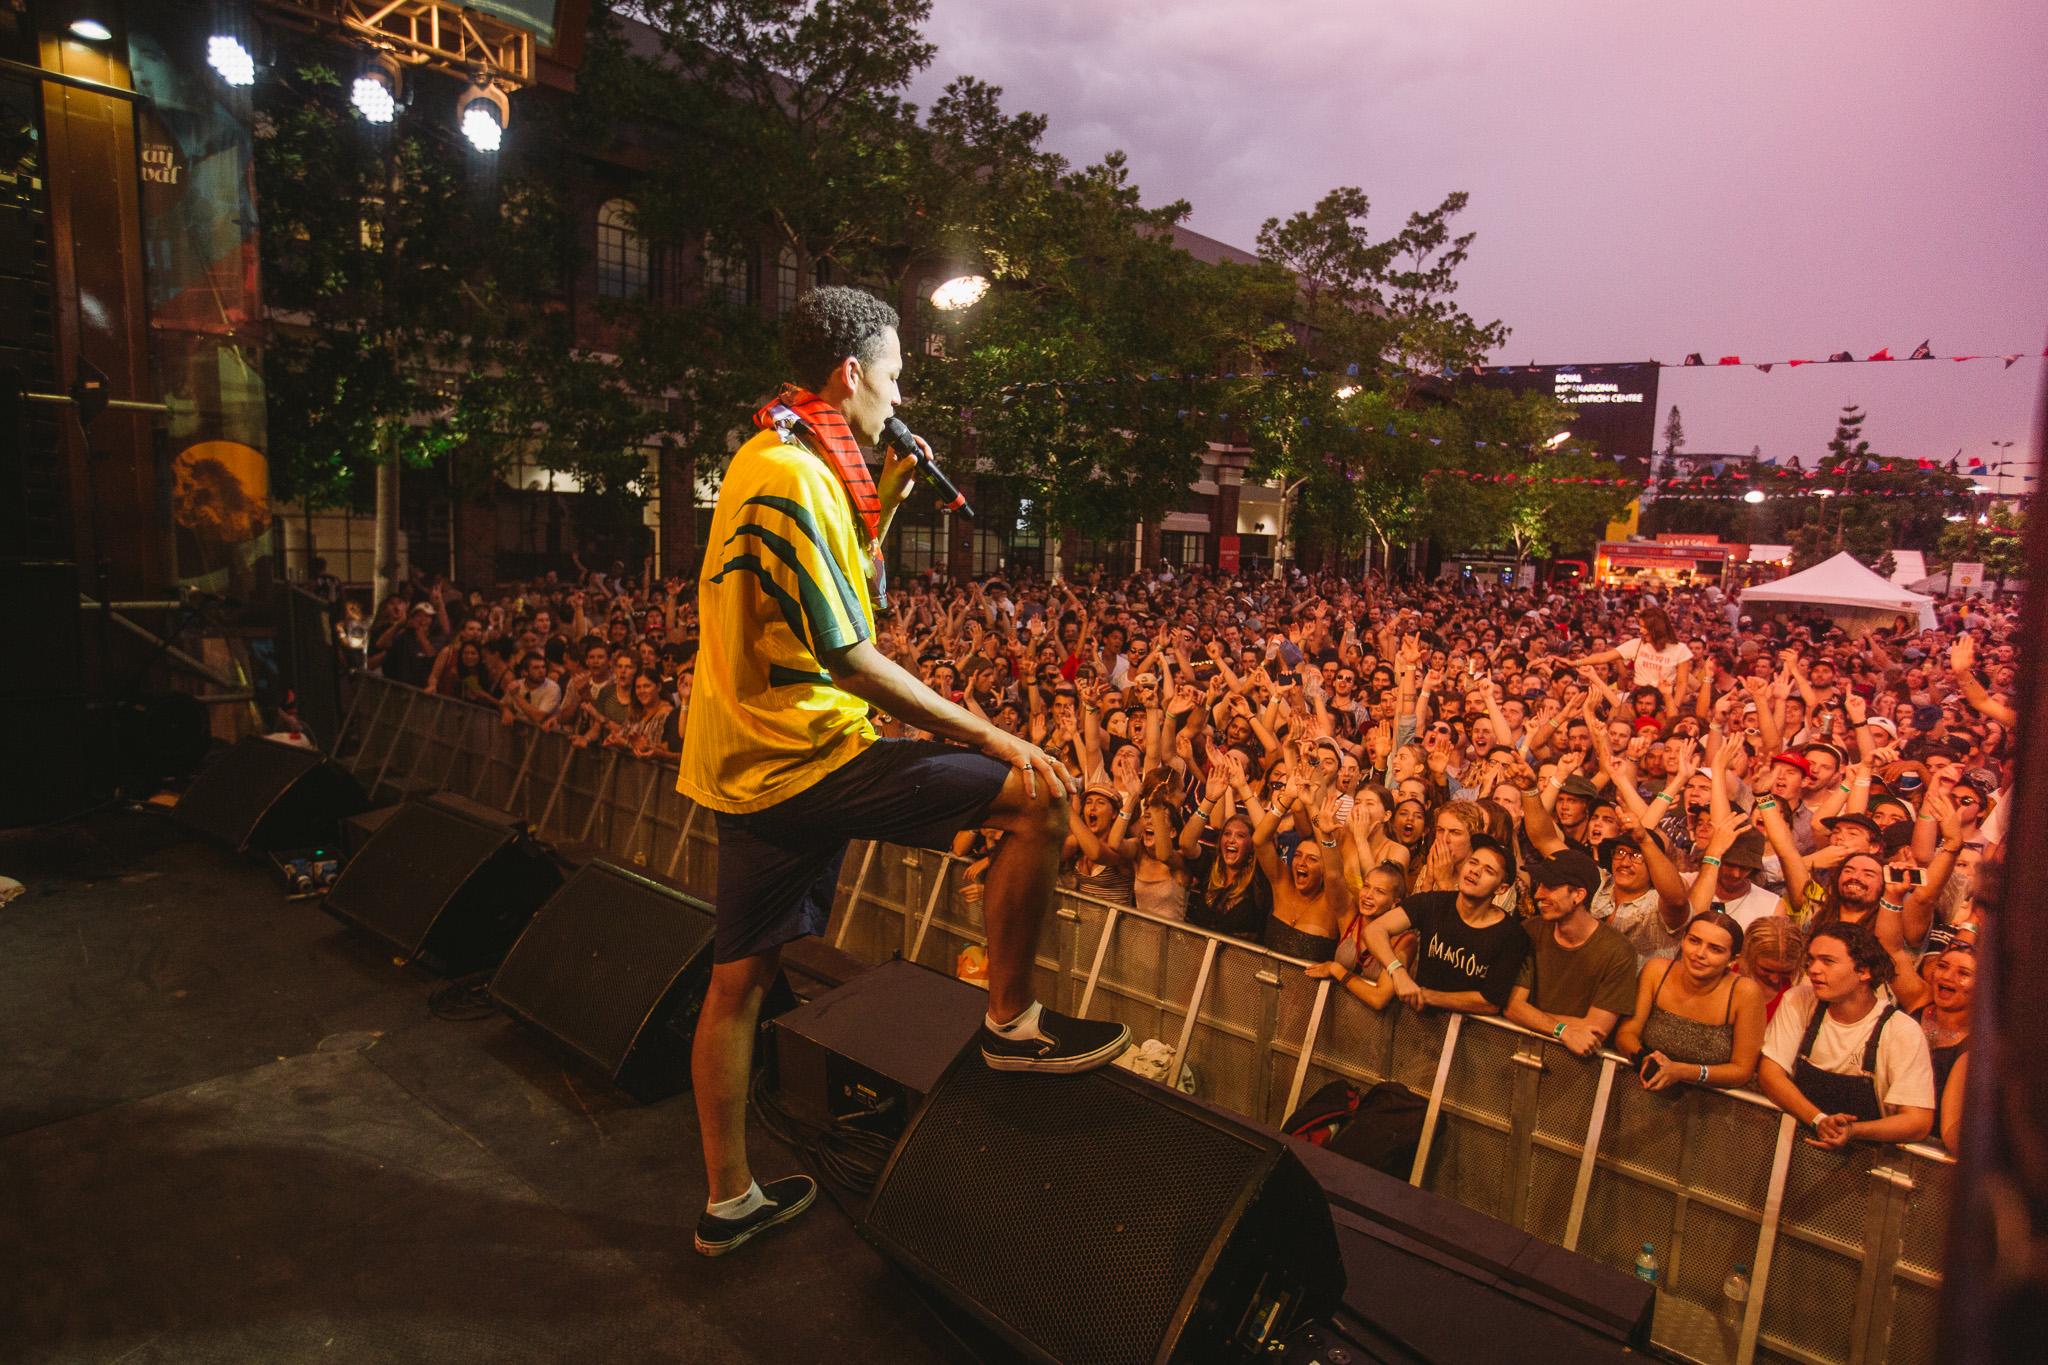 Loyle Carner_Laneway-Festival-Brisbane-2018_Credit-Bianca-Holderness-3.jpg